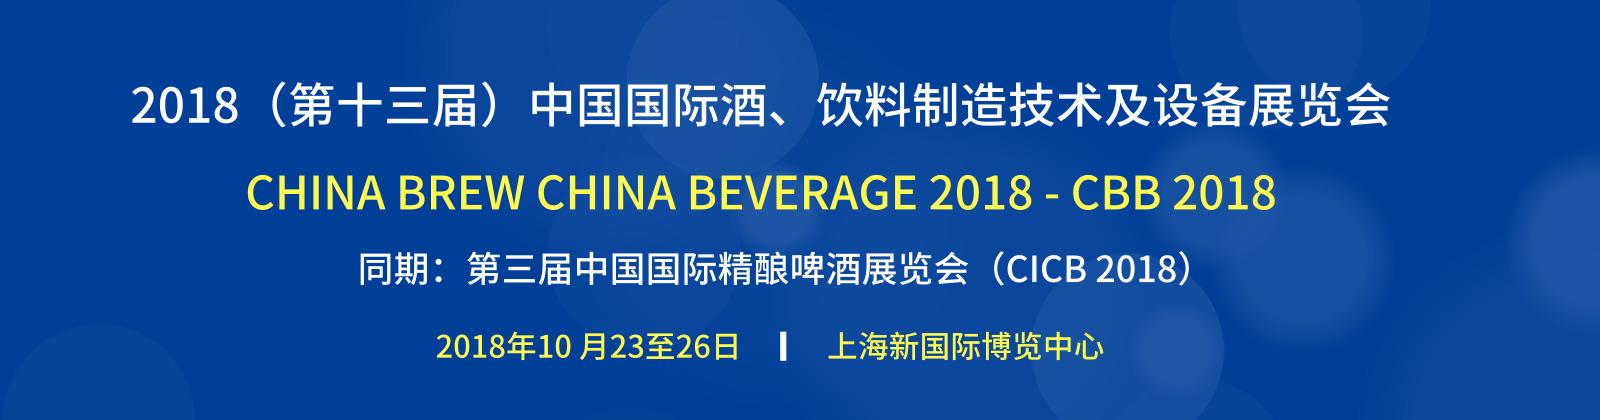 2018(第十三届)中国国际酒、饮料制造技术及设备展览会